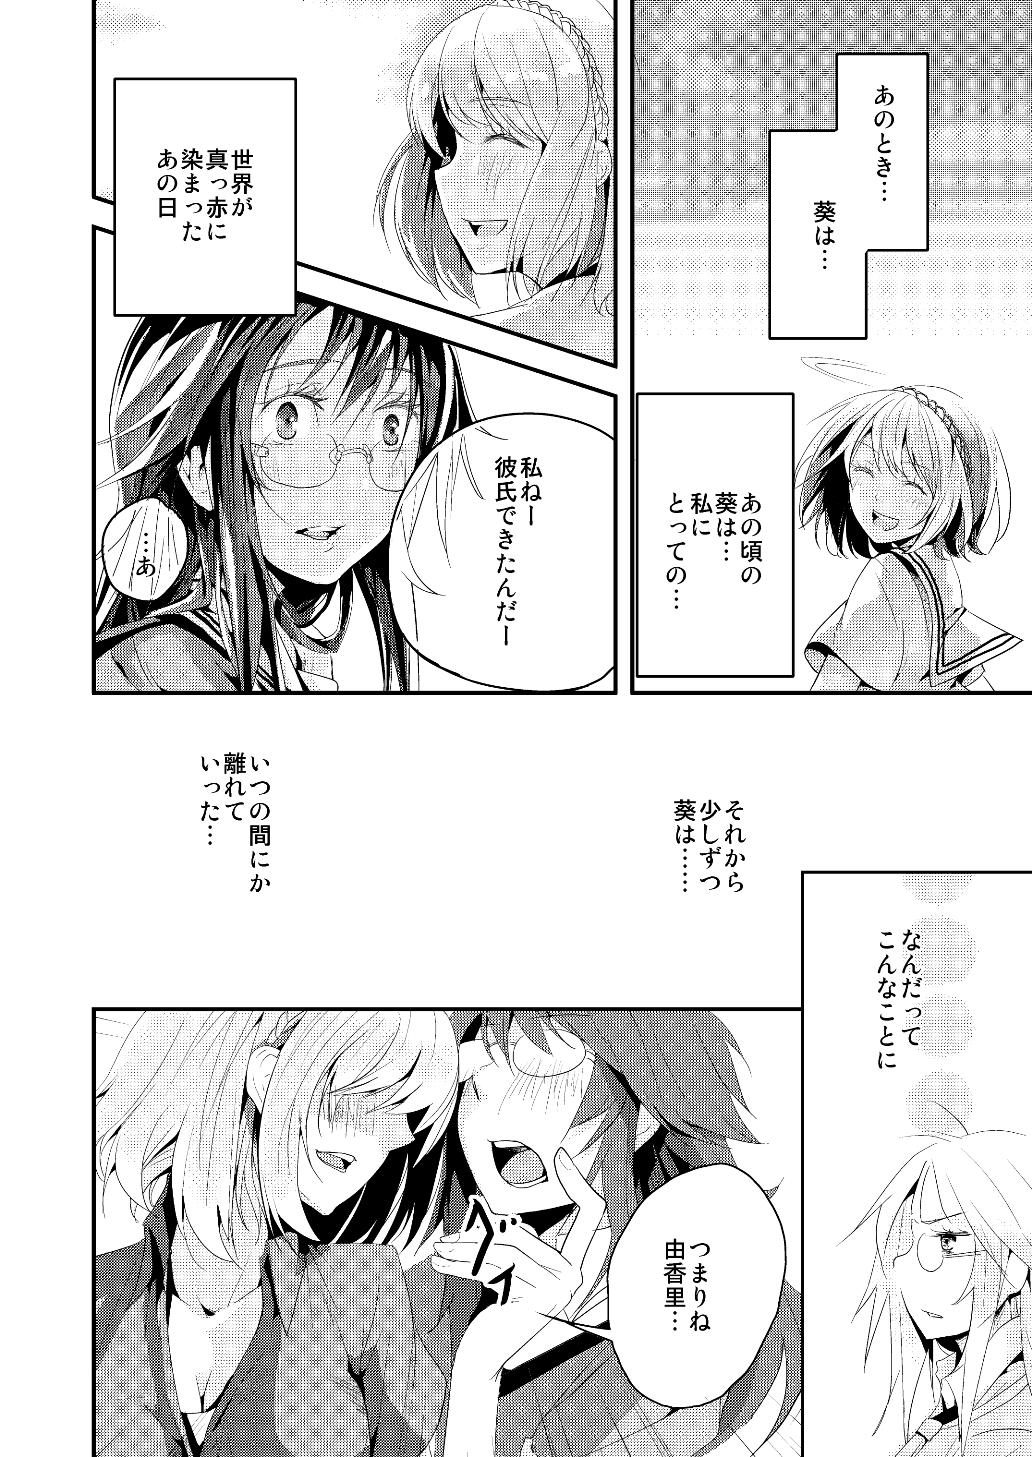 Yakusoku no Sora to Kimigaita Basho 1 ~ 2 49